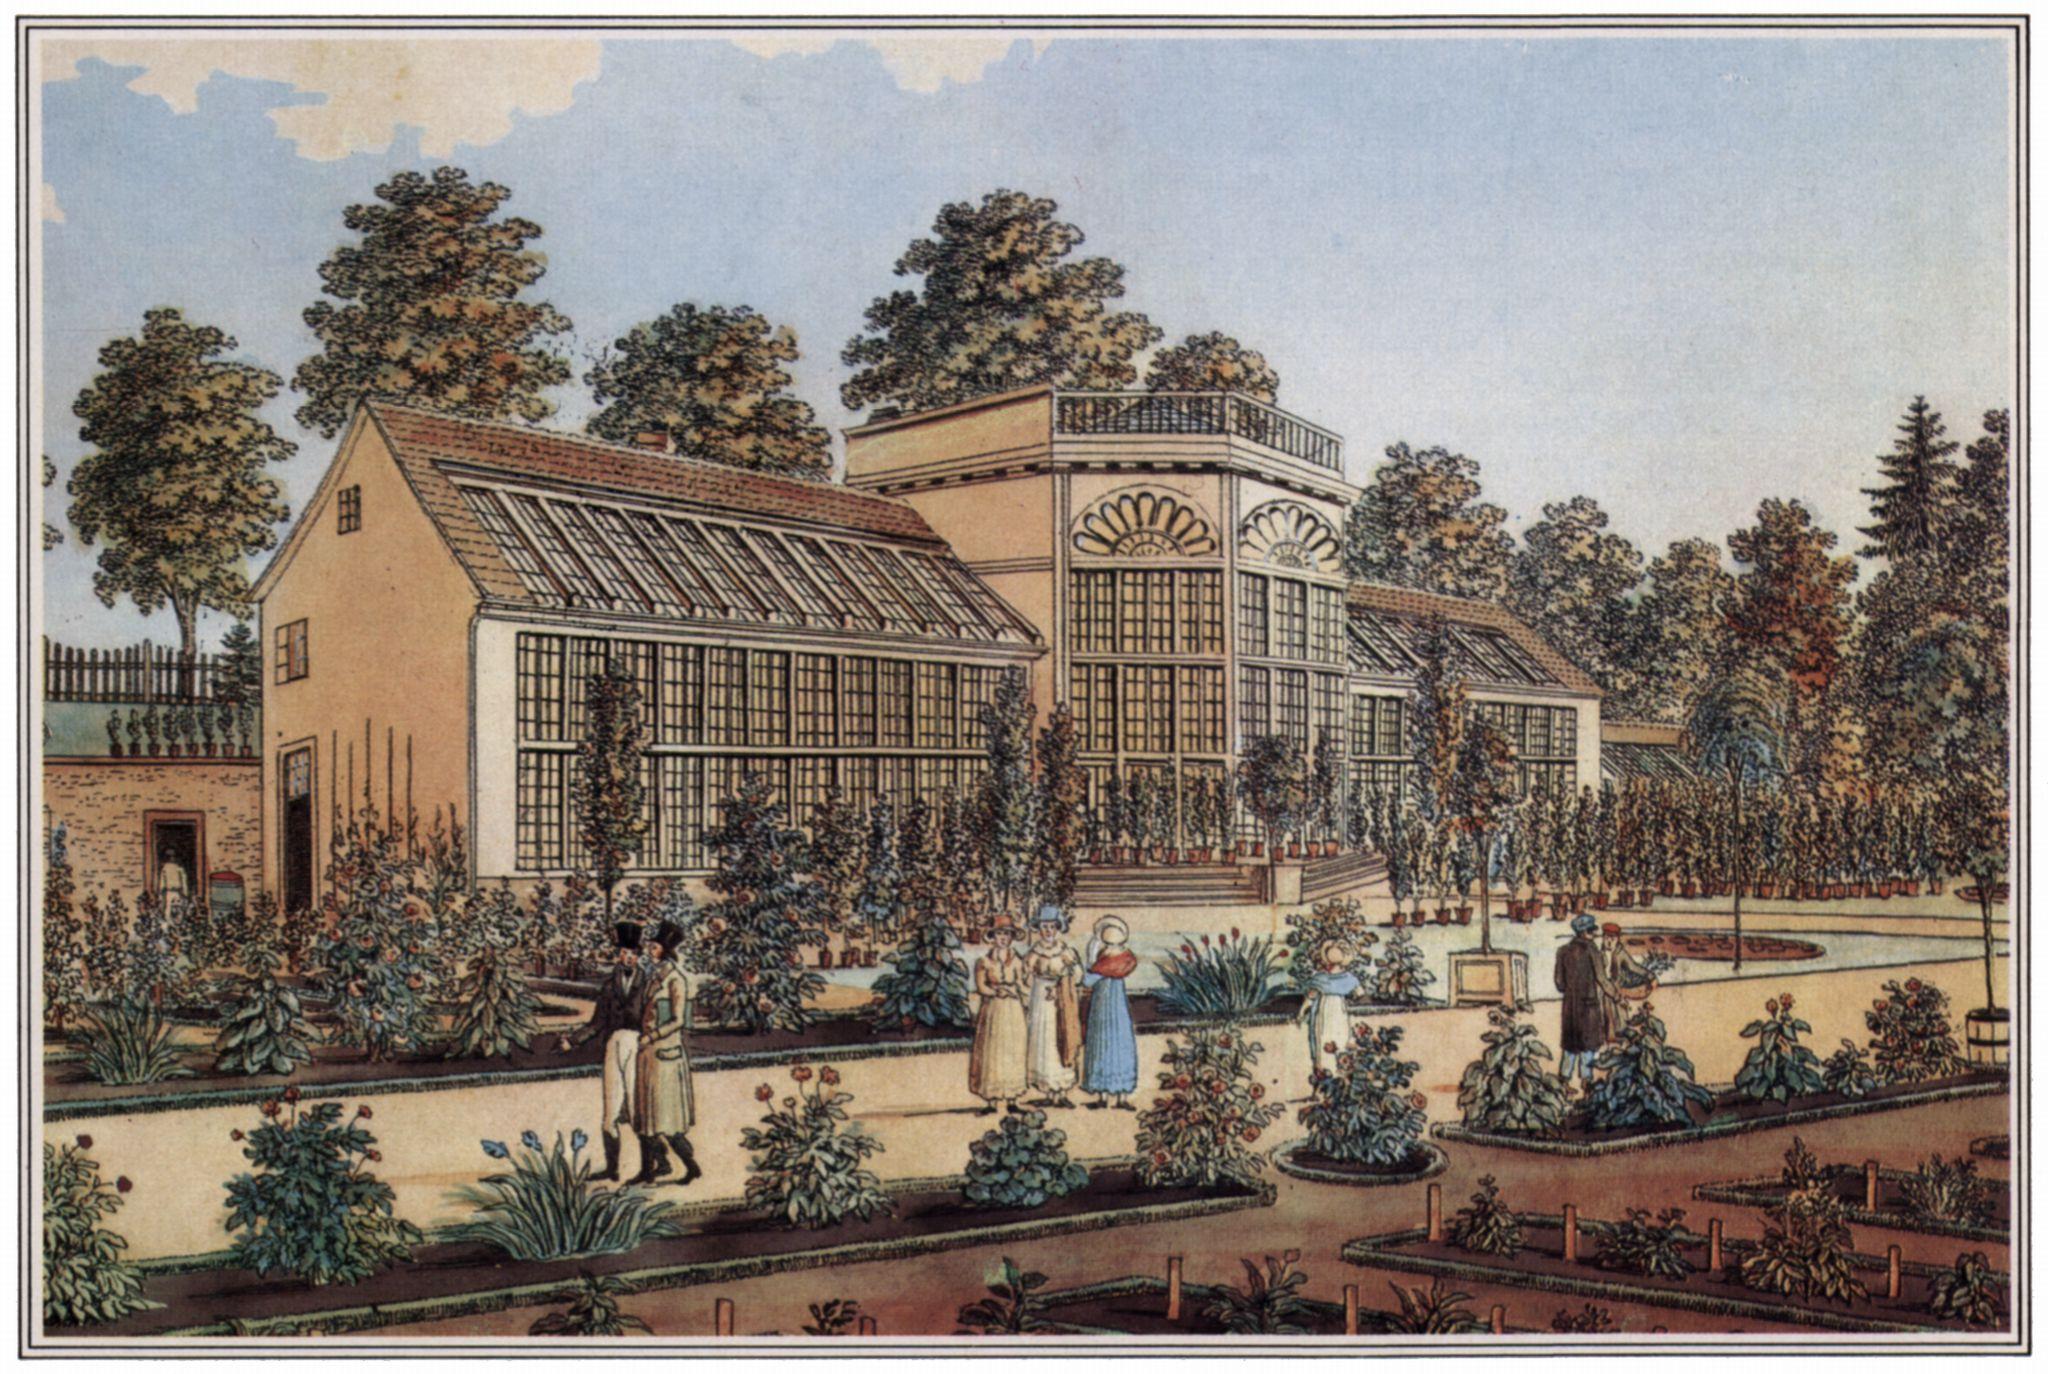 Besemann Christian Andreas Göttingen Botanischer Garten Zweites